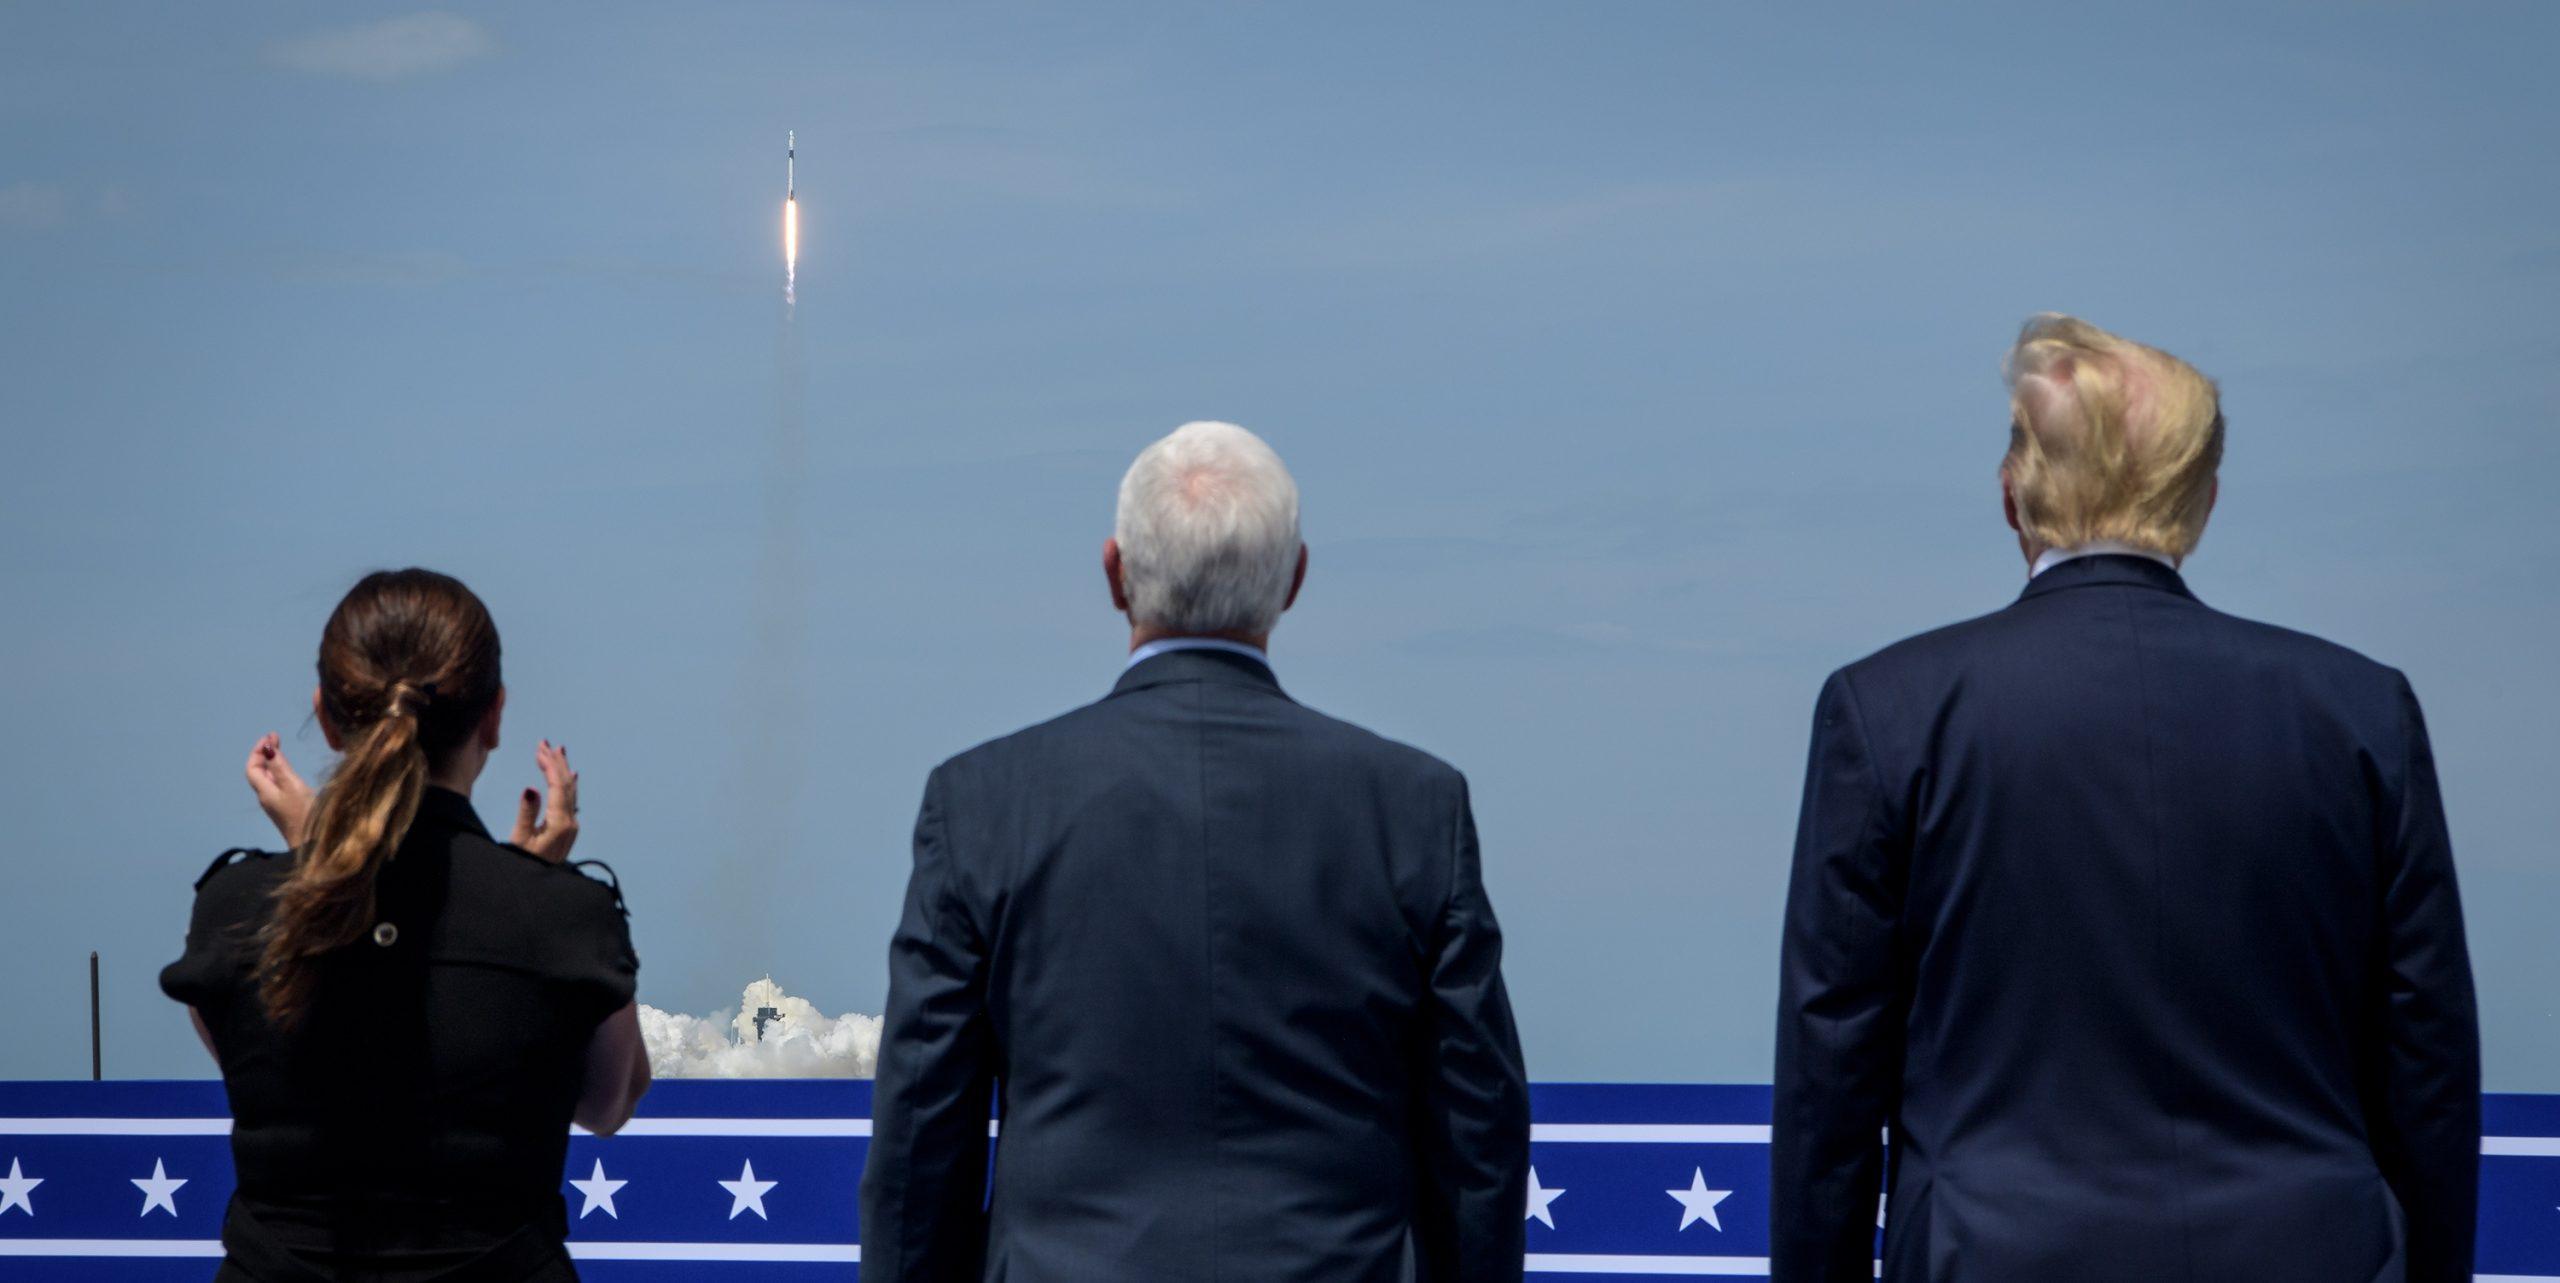 米国の宇宙開発計画は 次の大統領でどう変わるか?